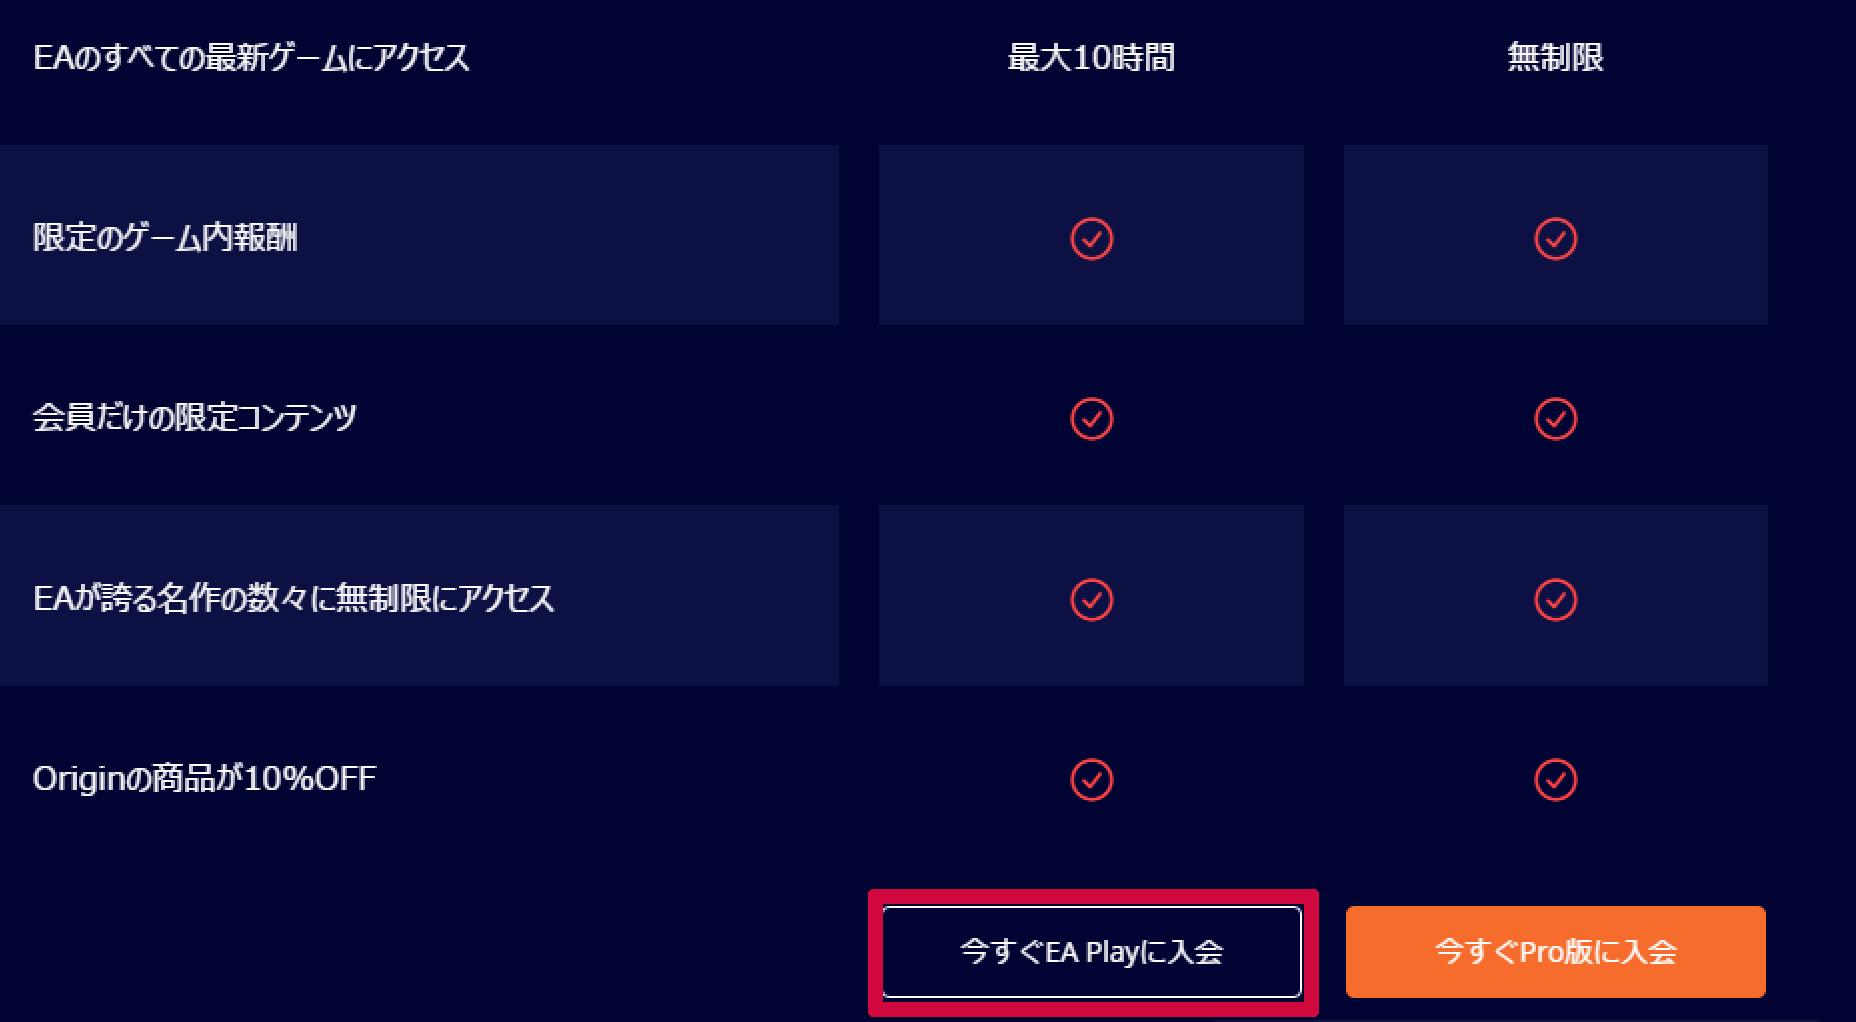 「EA Play 」に申し込む方は、下へスクロールした先にある「今すぐEA Playに入会」をクリックします。